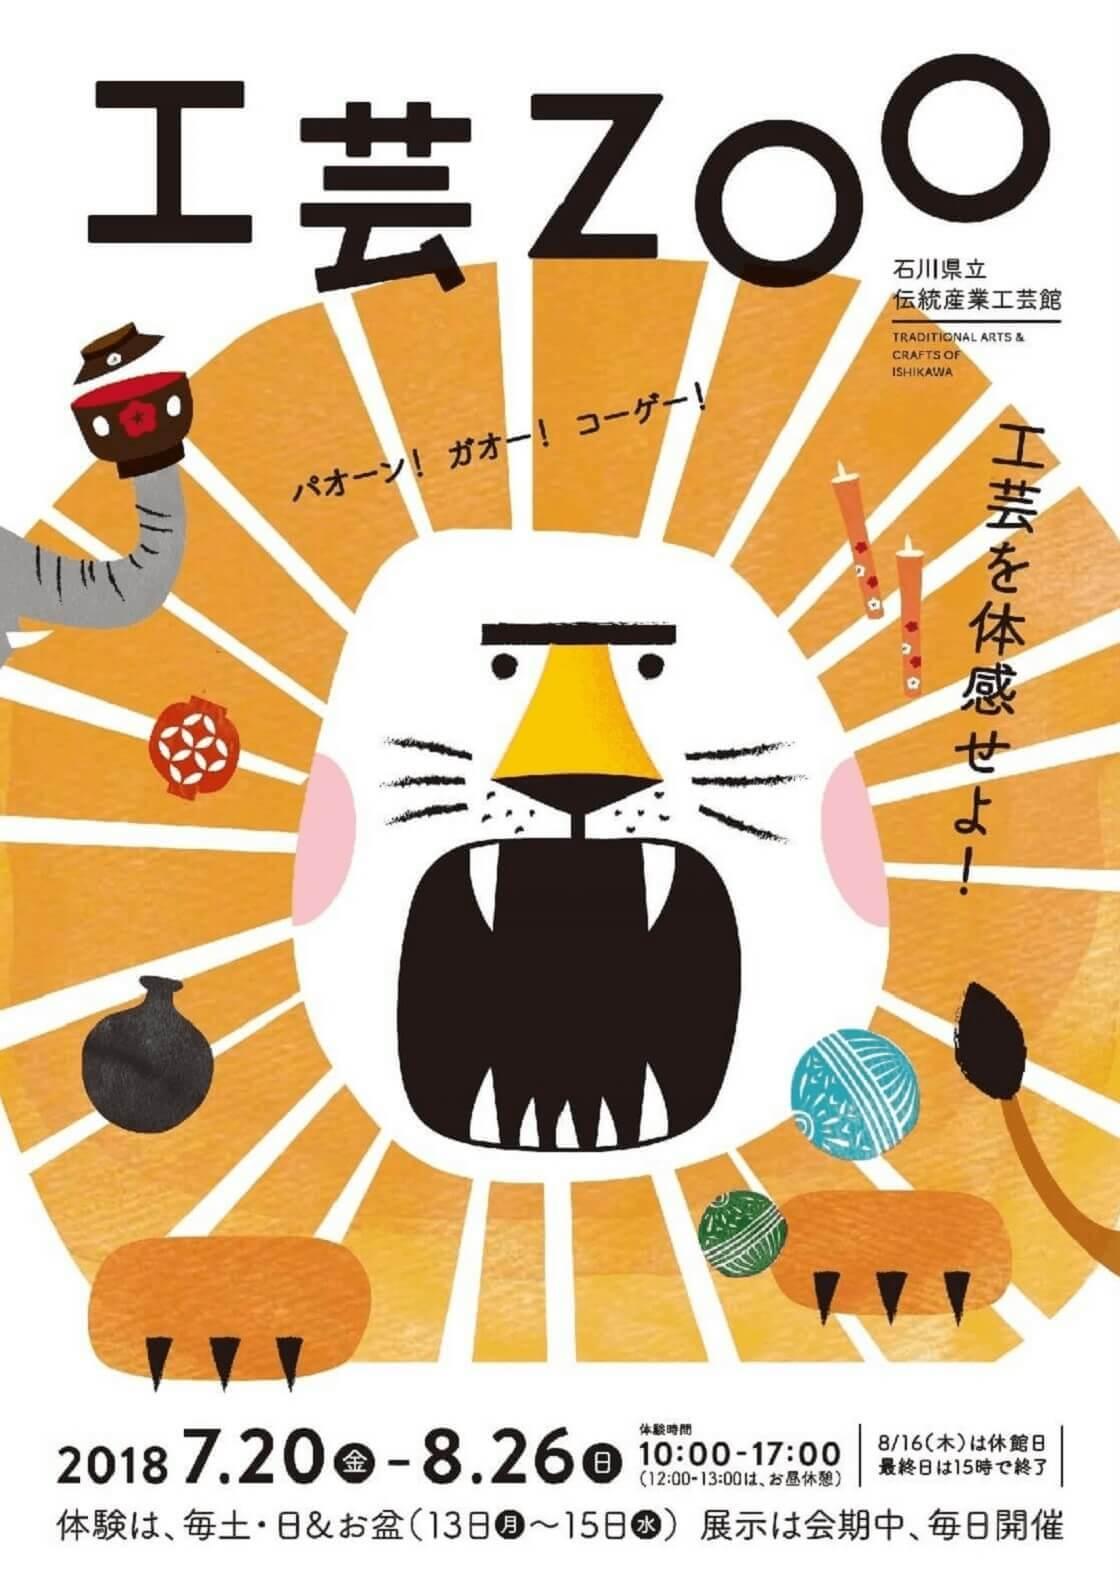 石川県伝統産業工芸館の工芸ZOOの伝統工芸体験のチラシ